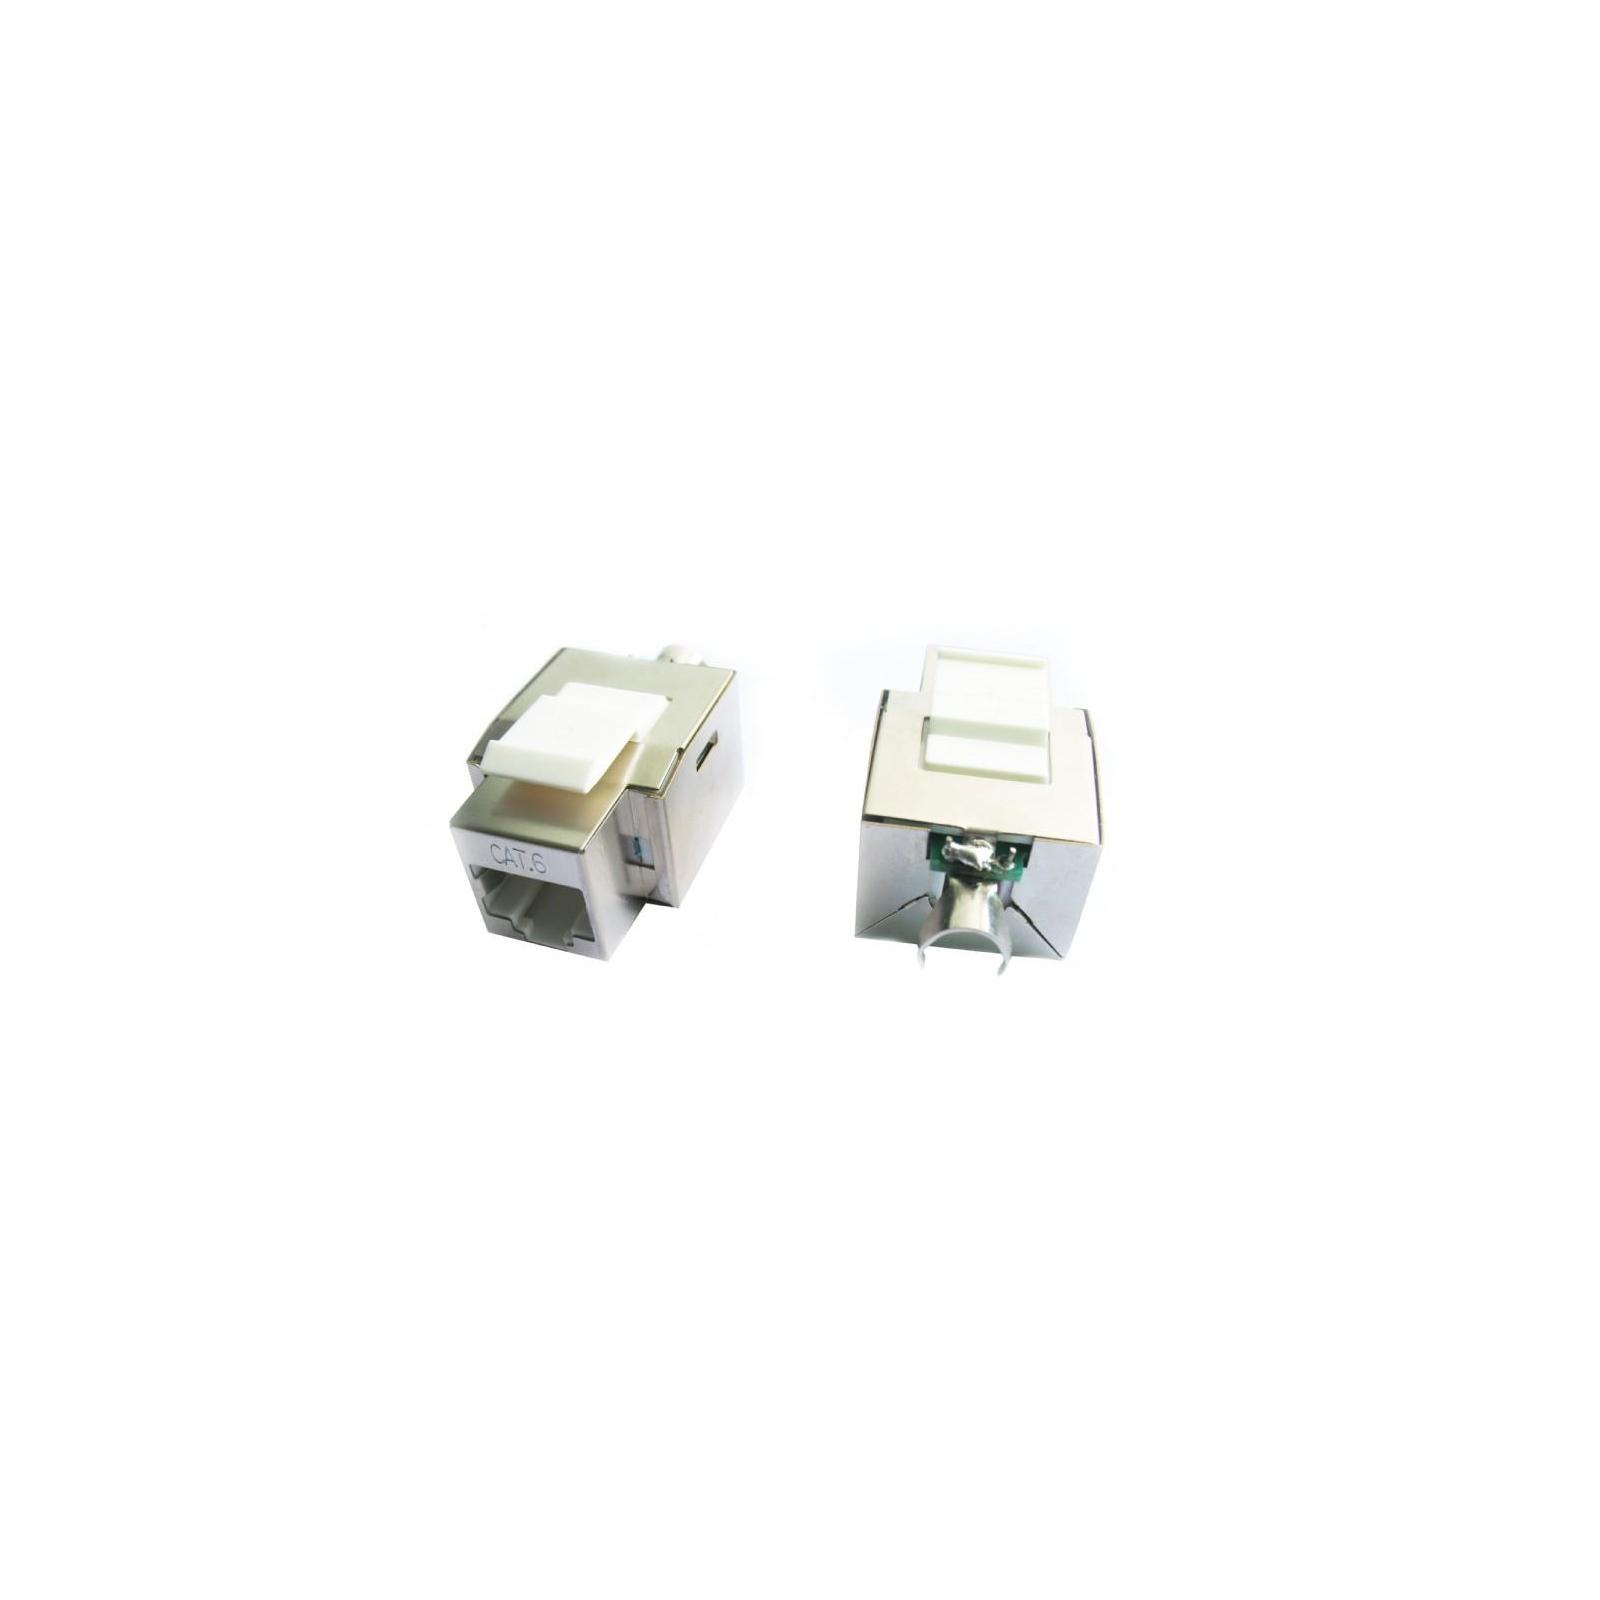 Розетка сетевая Cablexpert RJ45x1 FTP, cat.6 (NCAC-FS-SMB1) изображение 2